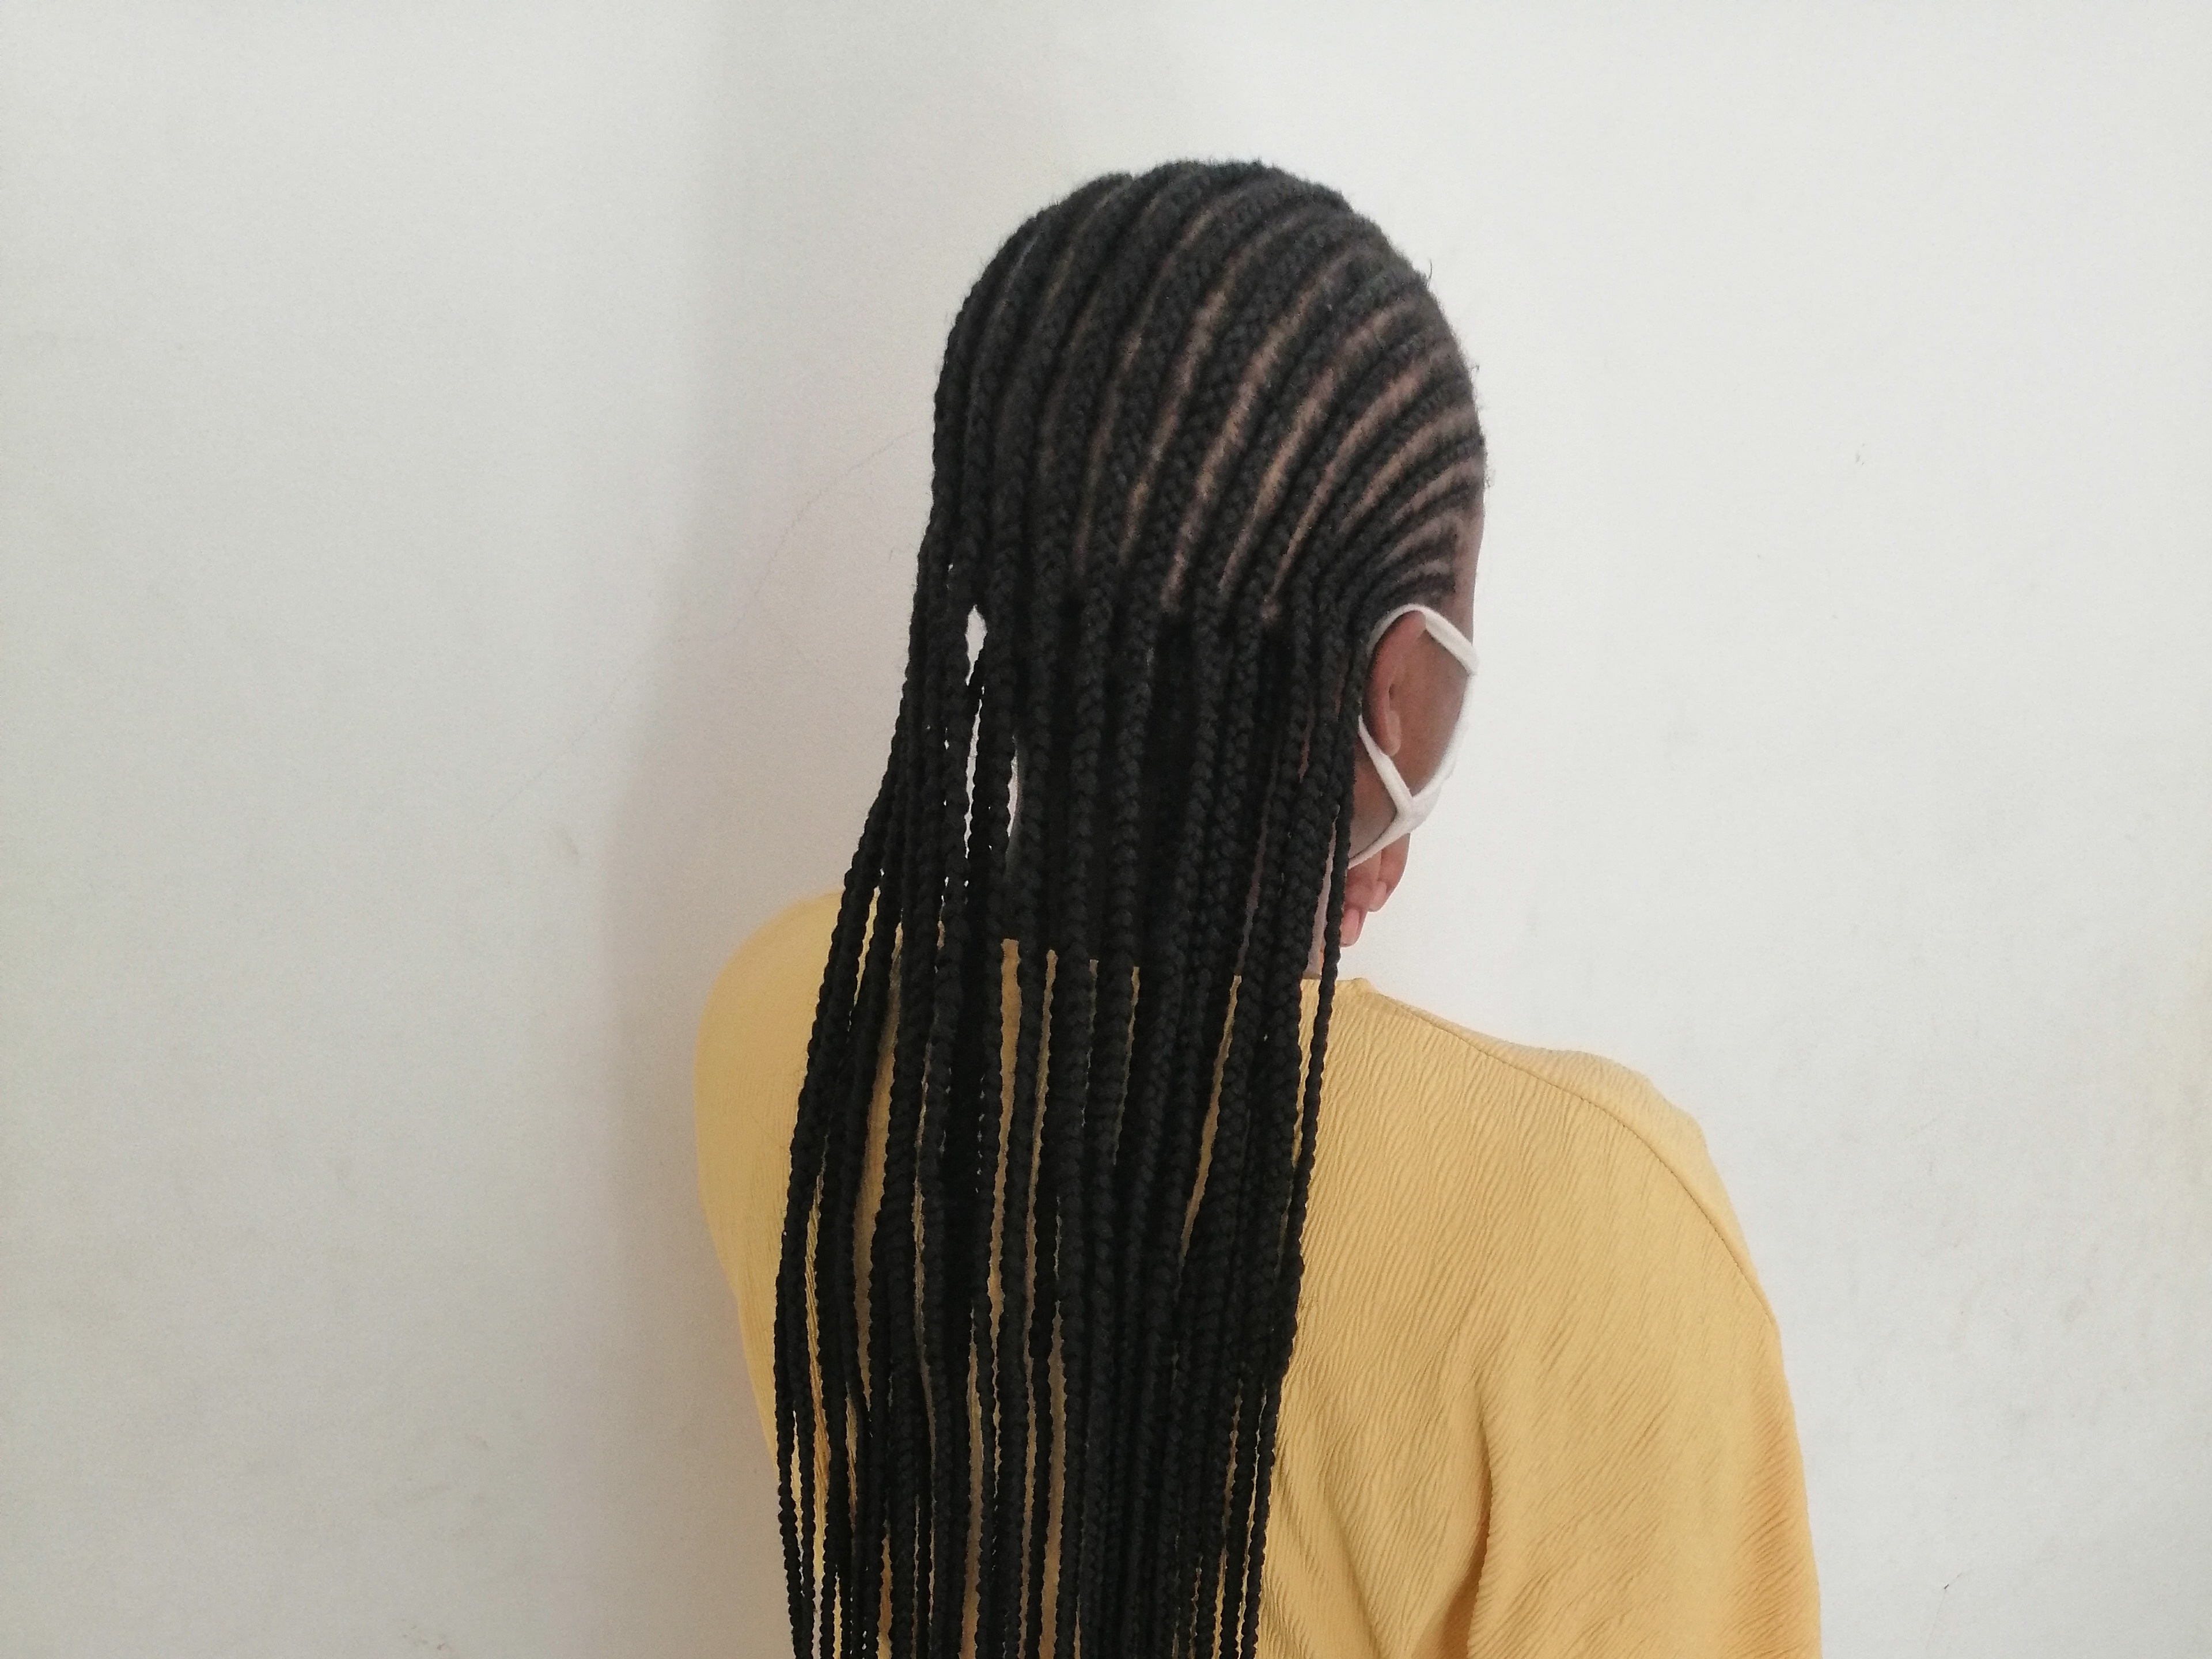 salon de coiffure afro tresse tresses box braids crochet braids vanilles tissages paris 75 77 78 91 92 93 94 95 AZFIXQJU